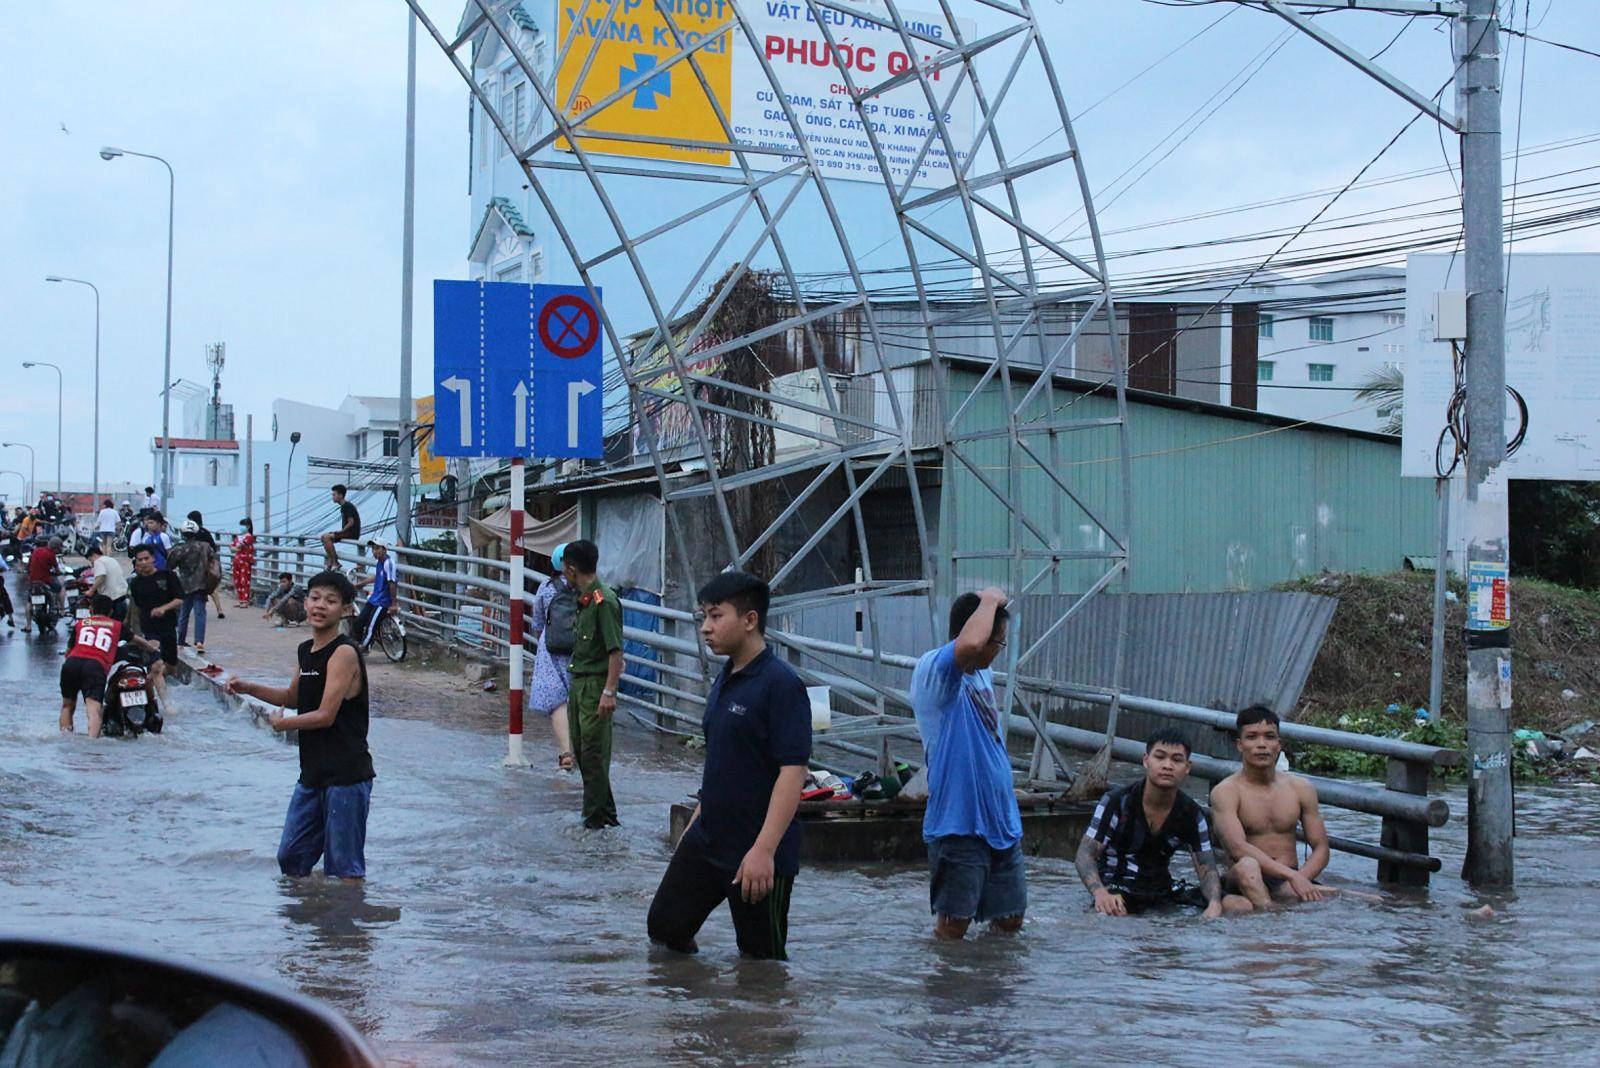 Ngườn dân quận Ninh Kiều hỗ trợ hướng dẫn giao thông và ứng cứu phương tiện giao thông bị chết máy.